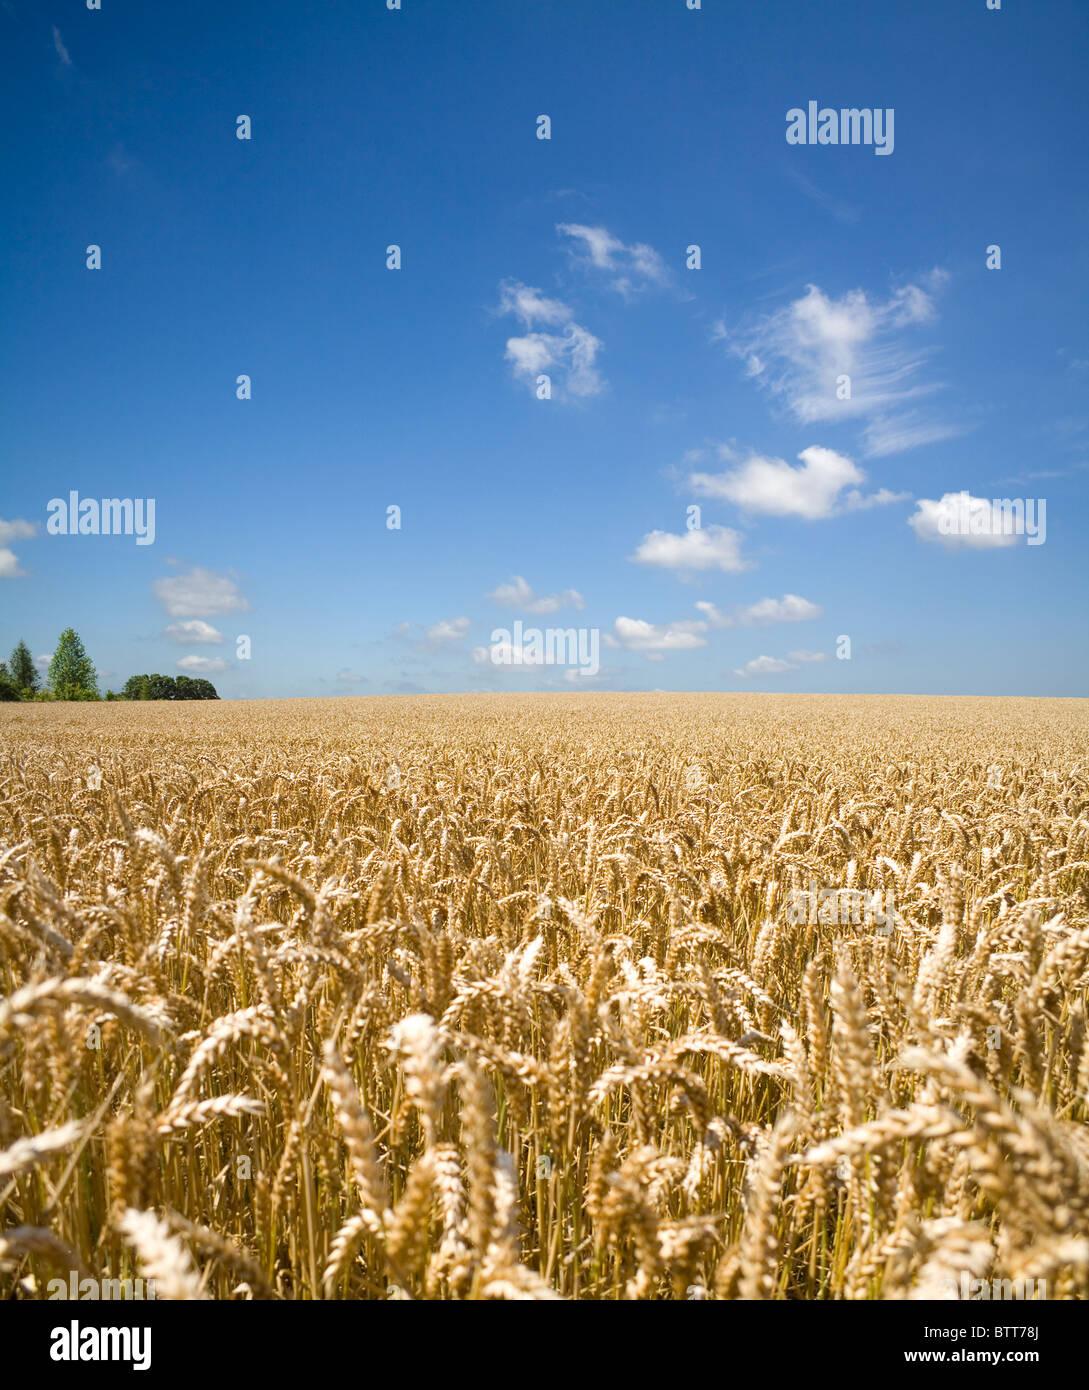 Un campo de trigo maduro bajo un claro cielo de verano Imagen De Stock